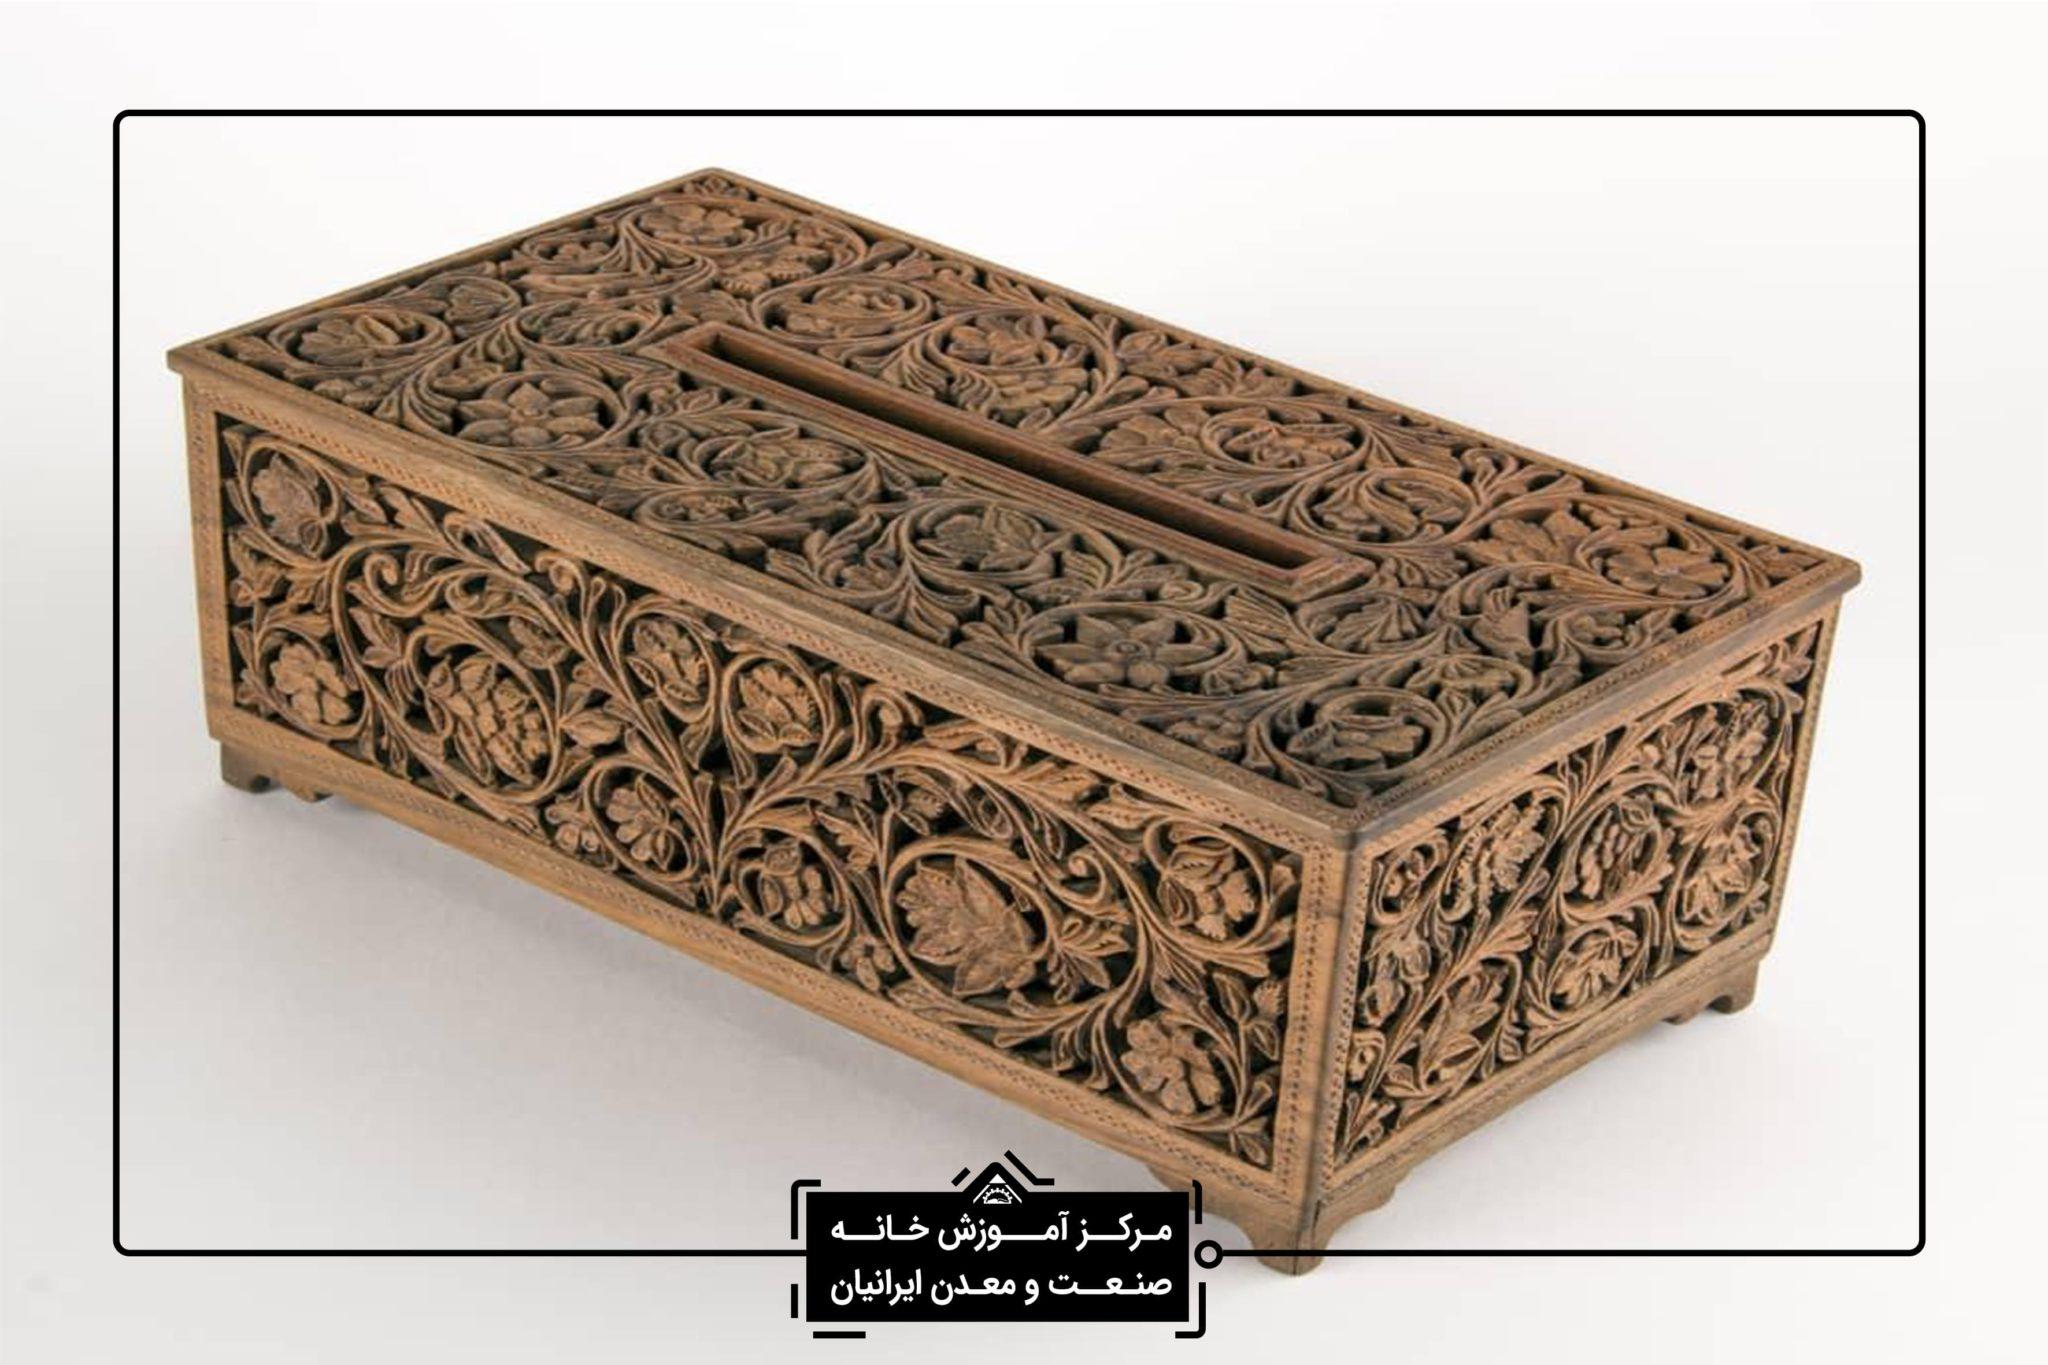 منبت آباده در شیراز 1 - آموزش منبت کاری در شیراز